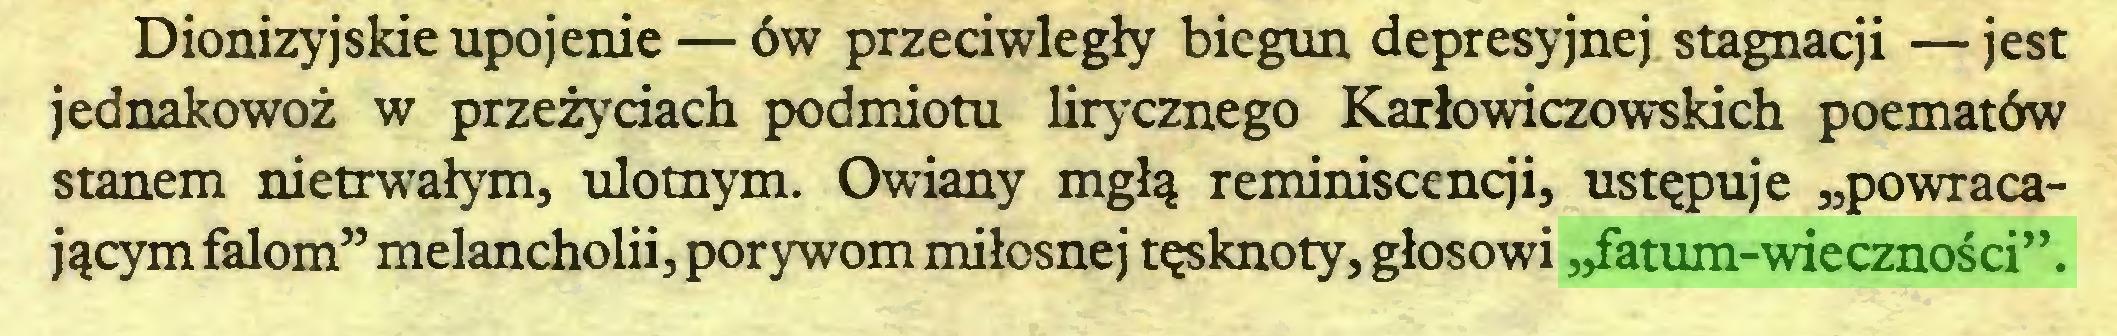 """(...) Dionizyjskie upojenie — ów przeciwległy biegun depresyjnej stagnacji —jest jednakowoż w przeżyciach podmiotu lirycznego Karłowiczowskich poematów stanem nietrwałym, ulotnym. Owiany mgłą reminiscencji, ustępuje """"powracającym falom"""" melancholii, porywom miłosnej tęsknoty, głosowi """"fatum-wieczności""""..."""